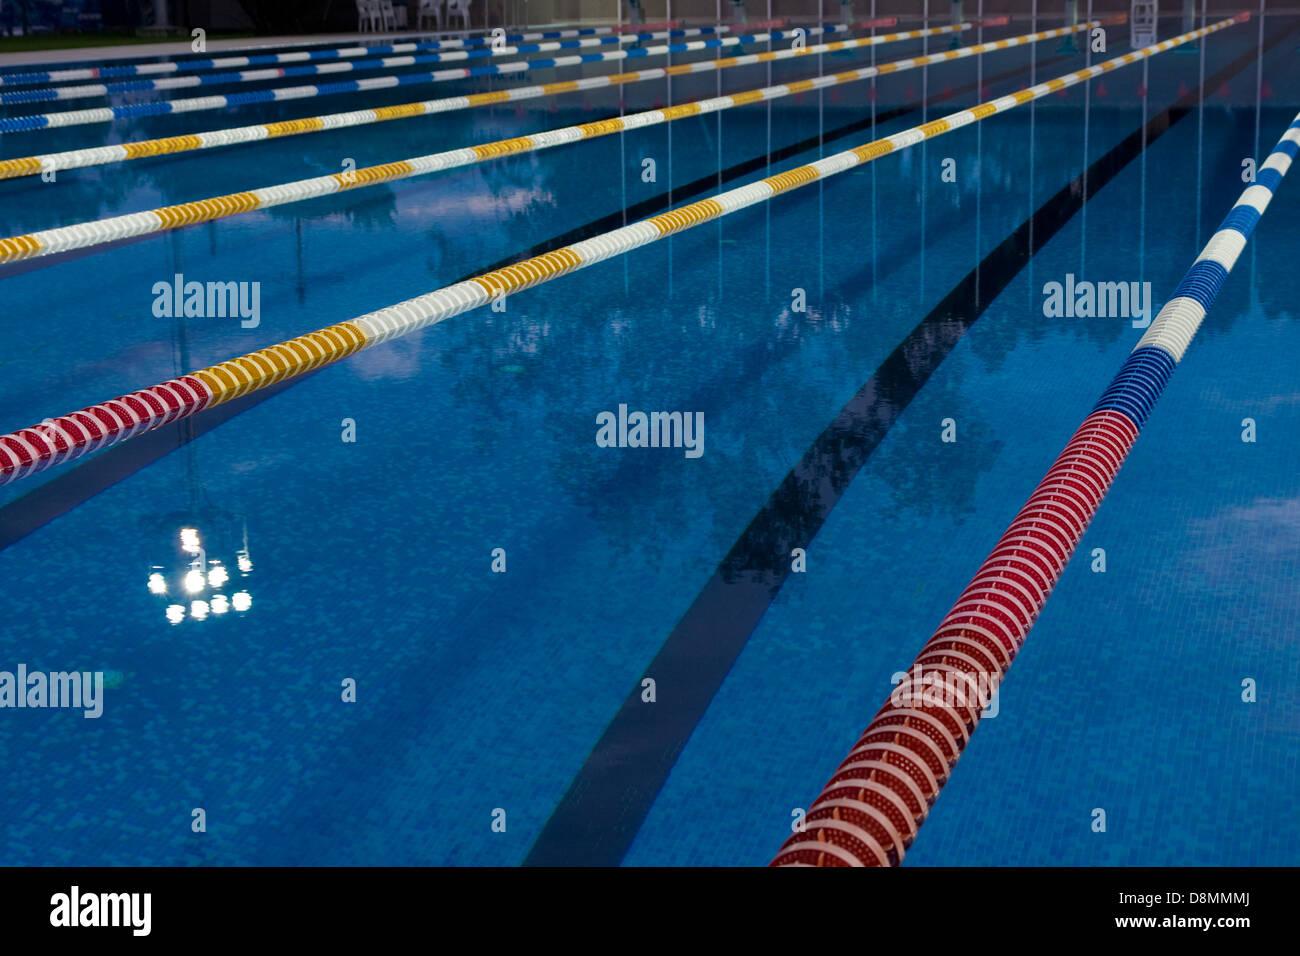 Teil der Korridore des öffentliches Schwimmbad. Stockbild